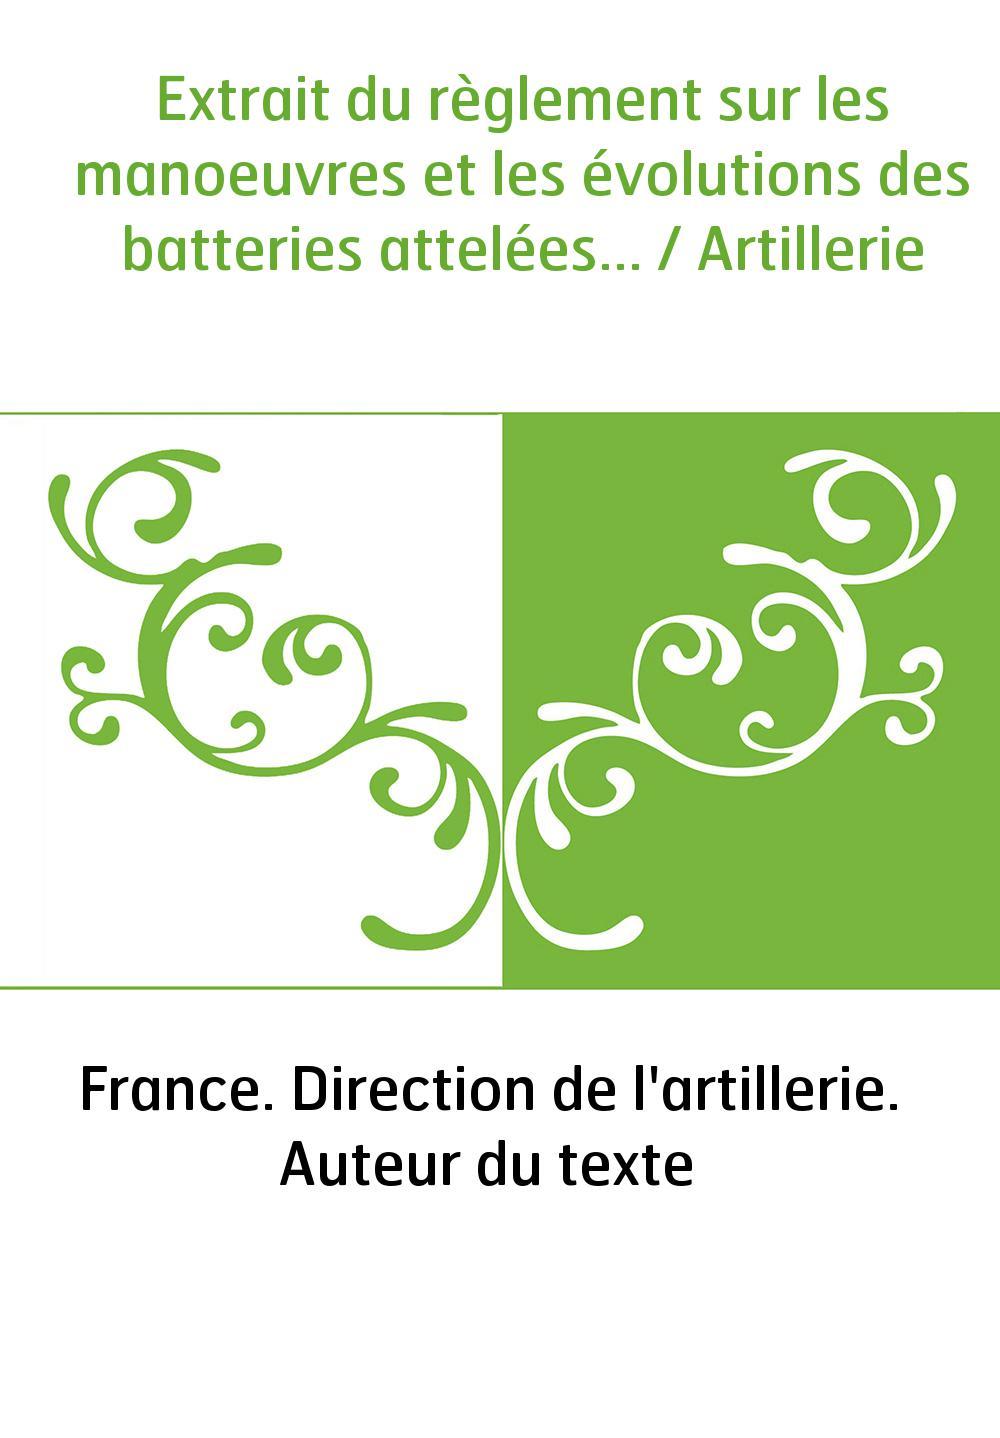 Extrait du règlement sur les manoeuvres et les évolutions des batteries attelées... / Artillerie